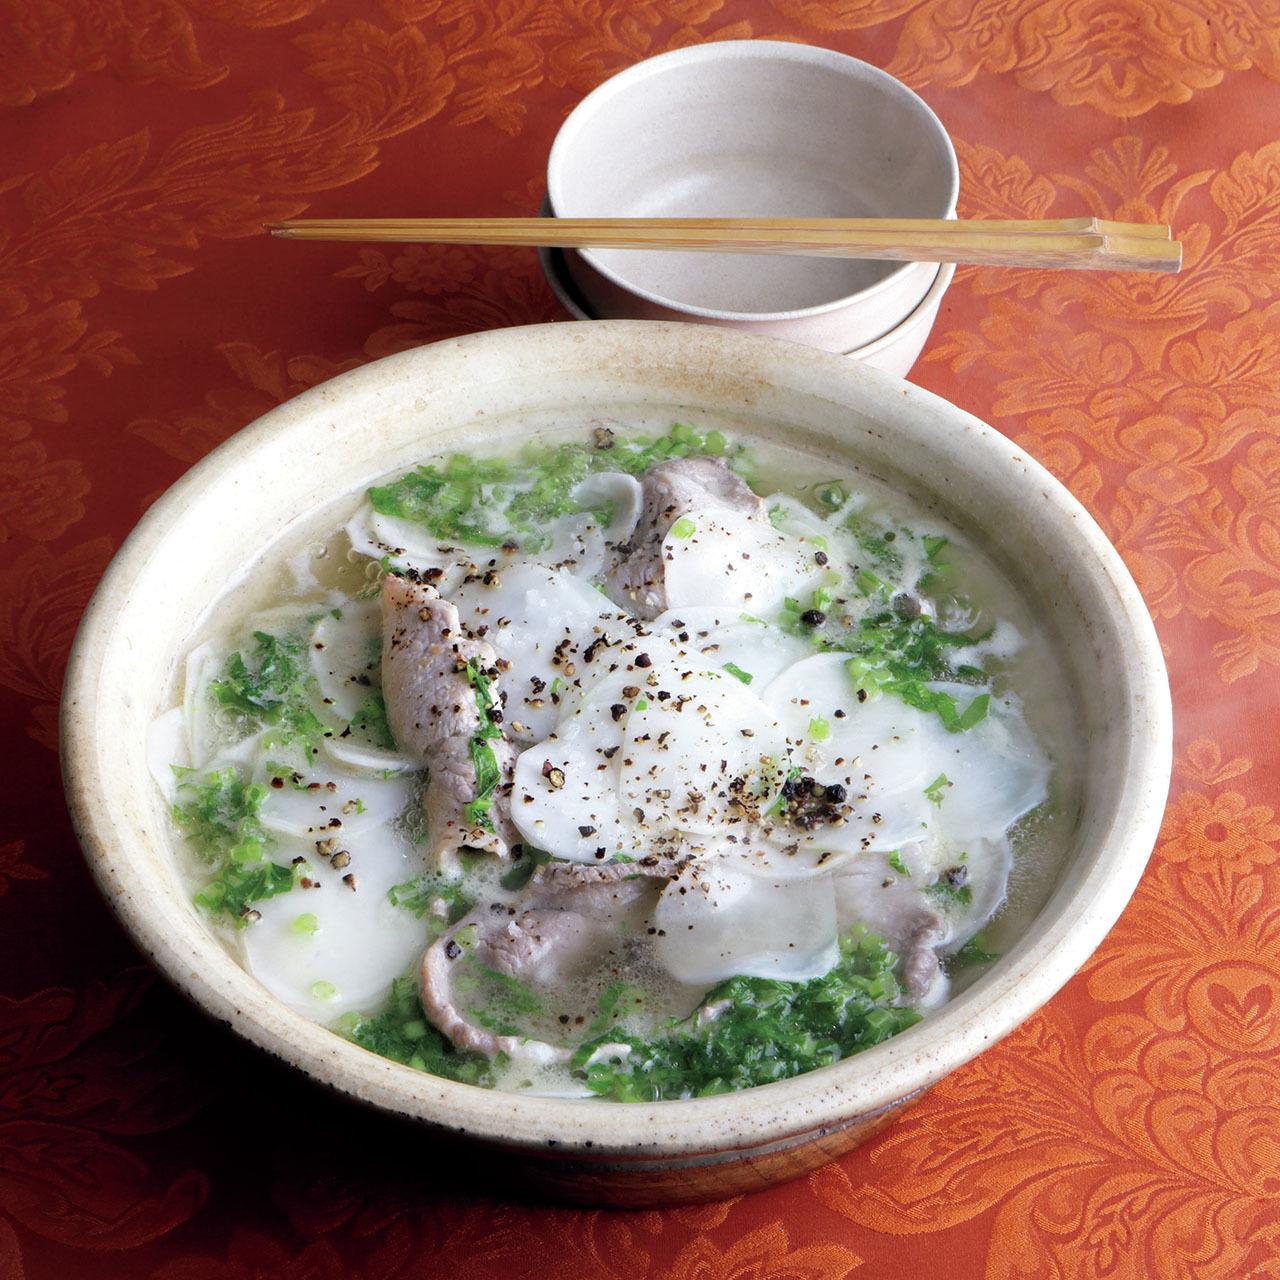 2〜3品の素材で作るシンプル鍋! 料理家ウー・ウェンさんの究極レシピ 五選_1_1-2